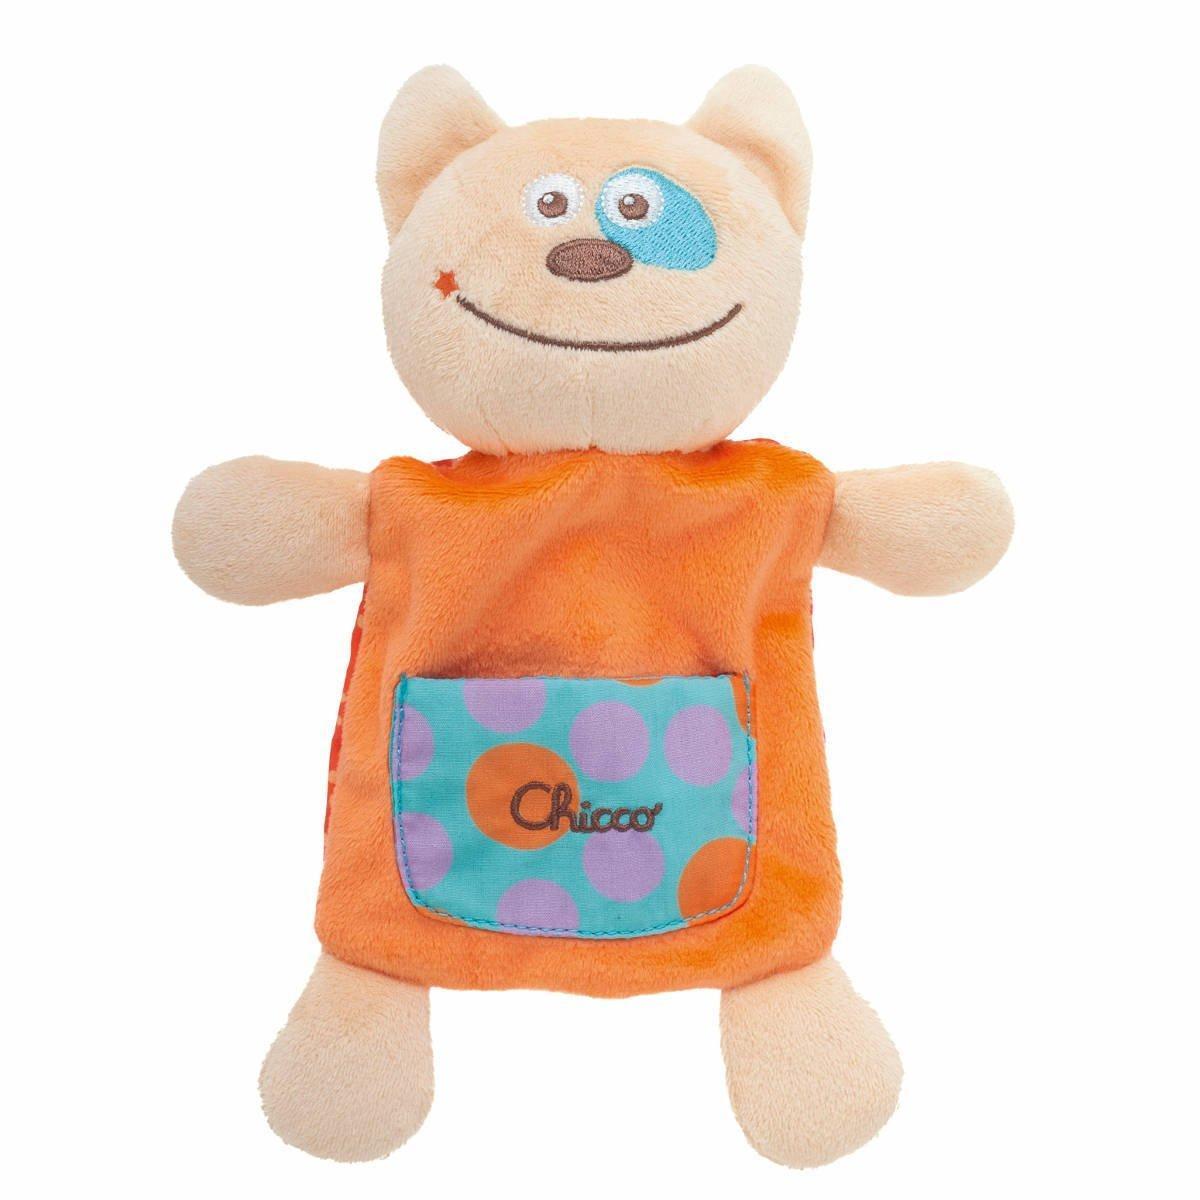 Soft Mantita Gatito Chicco en Lolly Pop Baby Shop